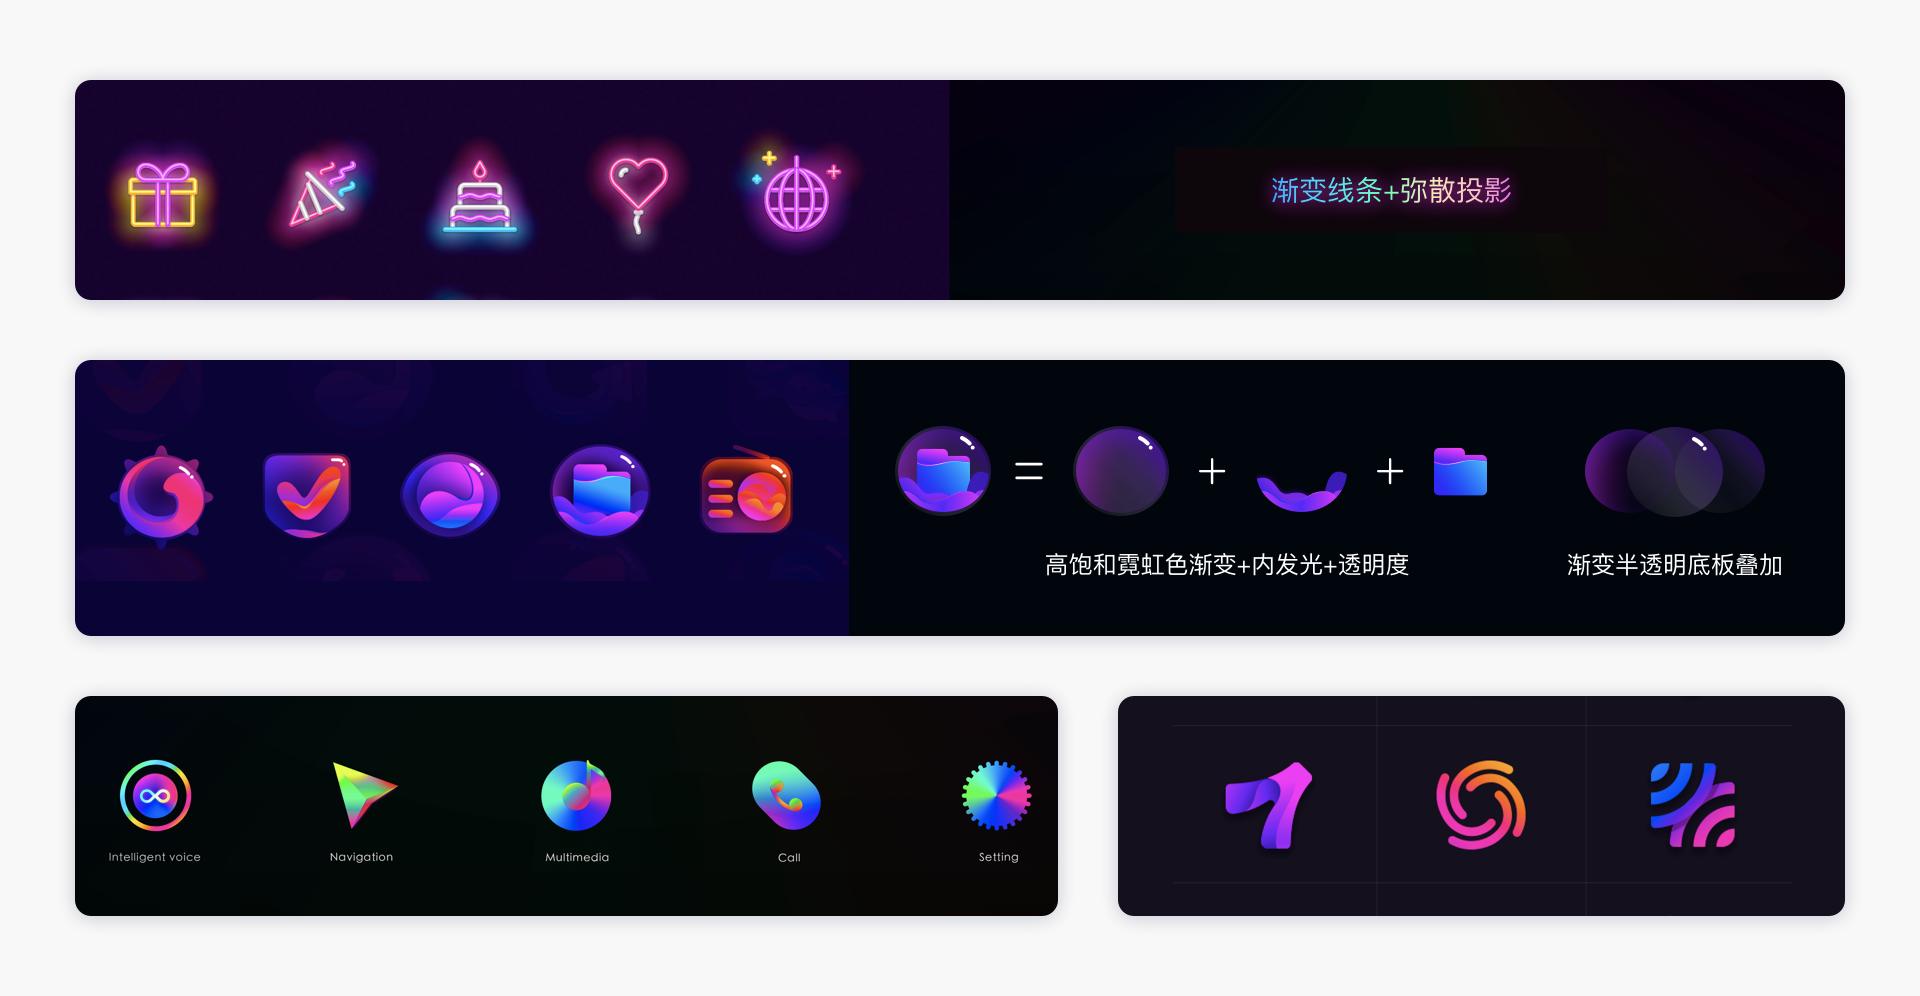 2020-2021 UI色彩趋势总结